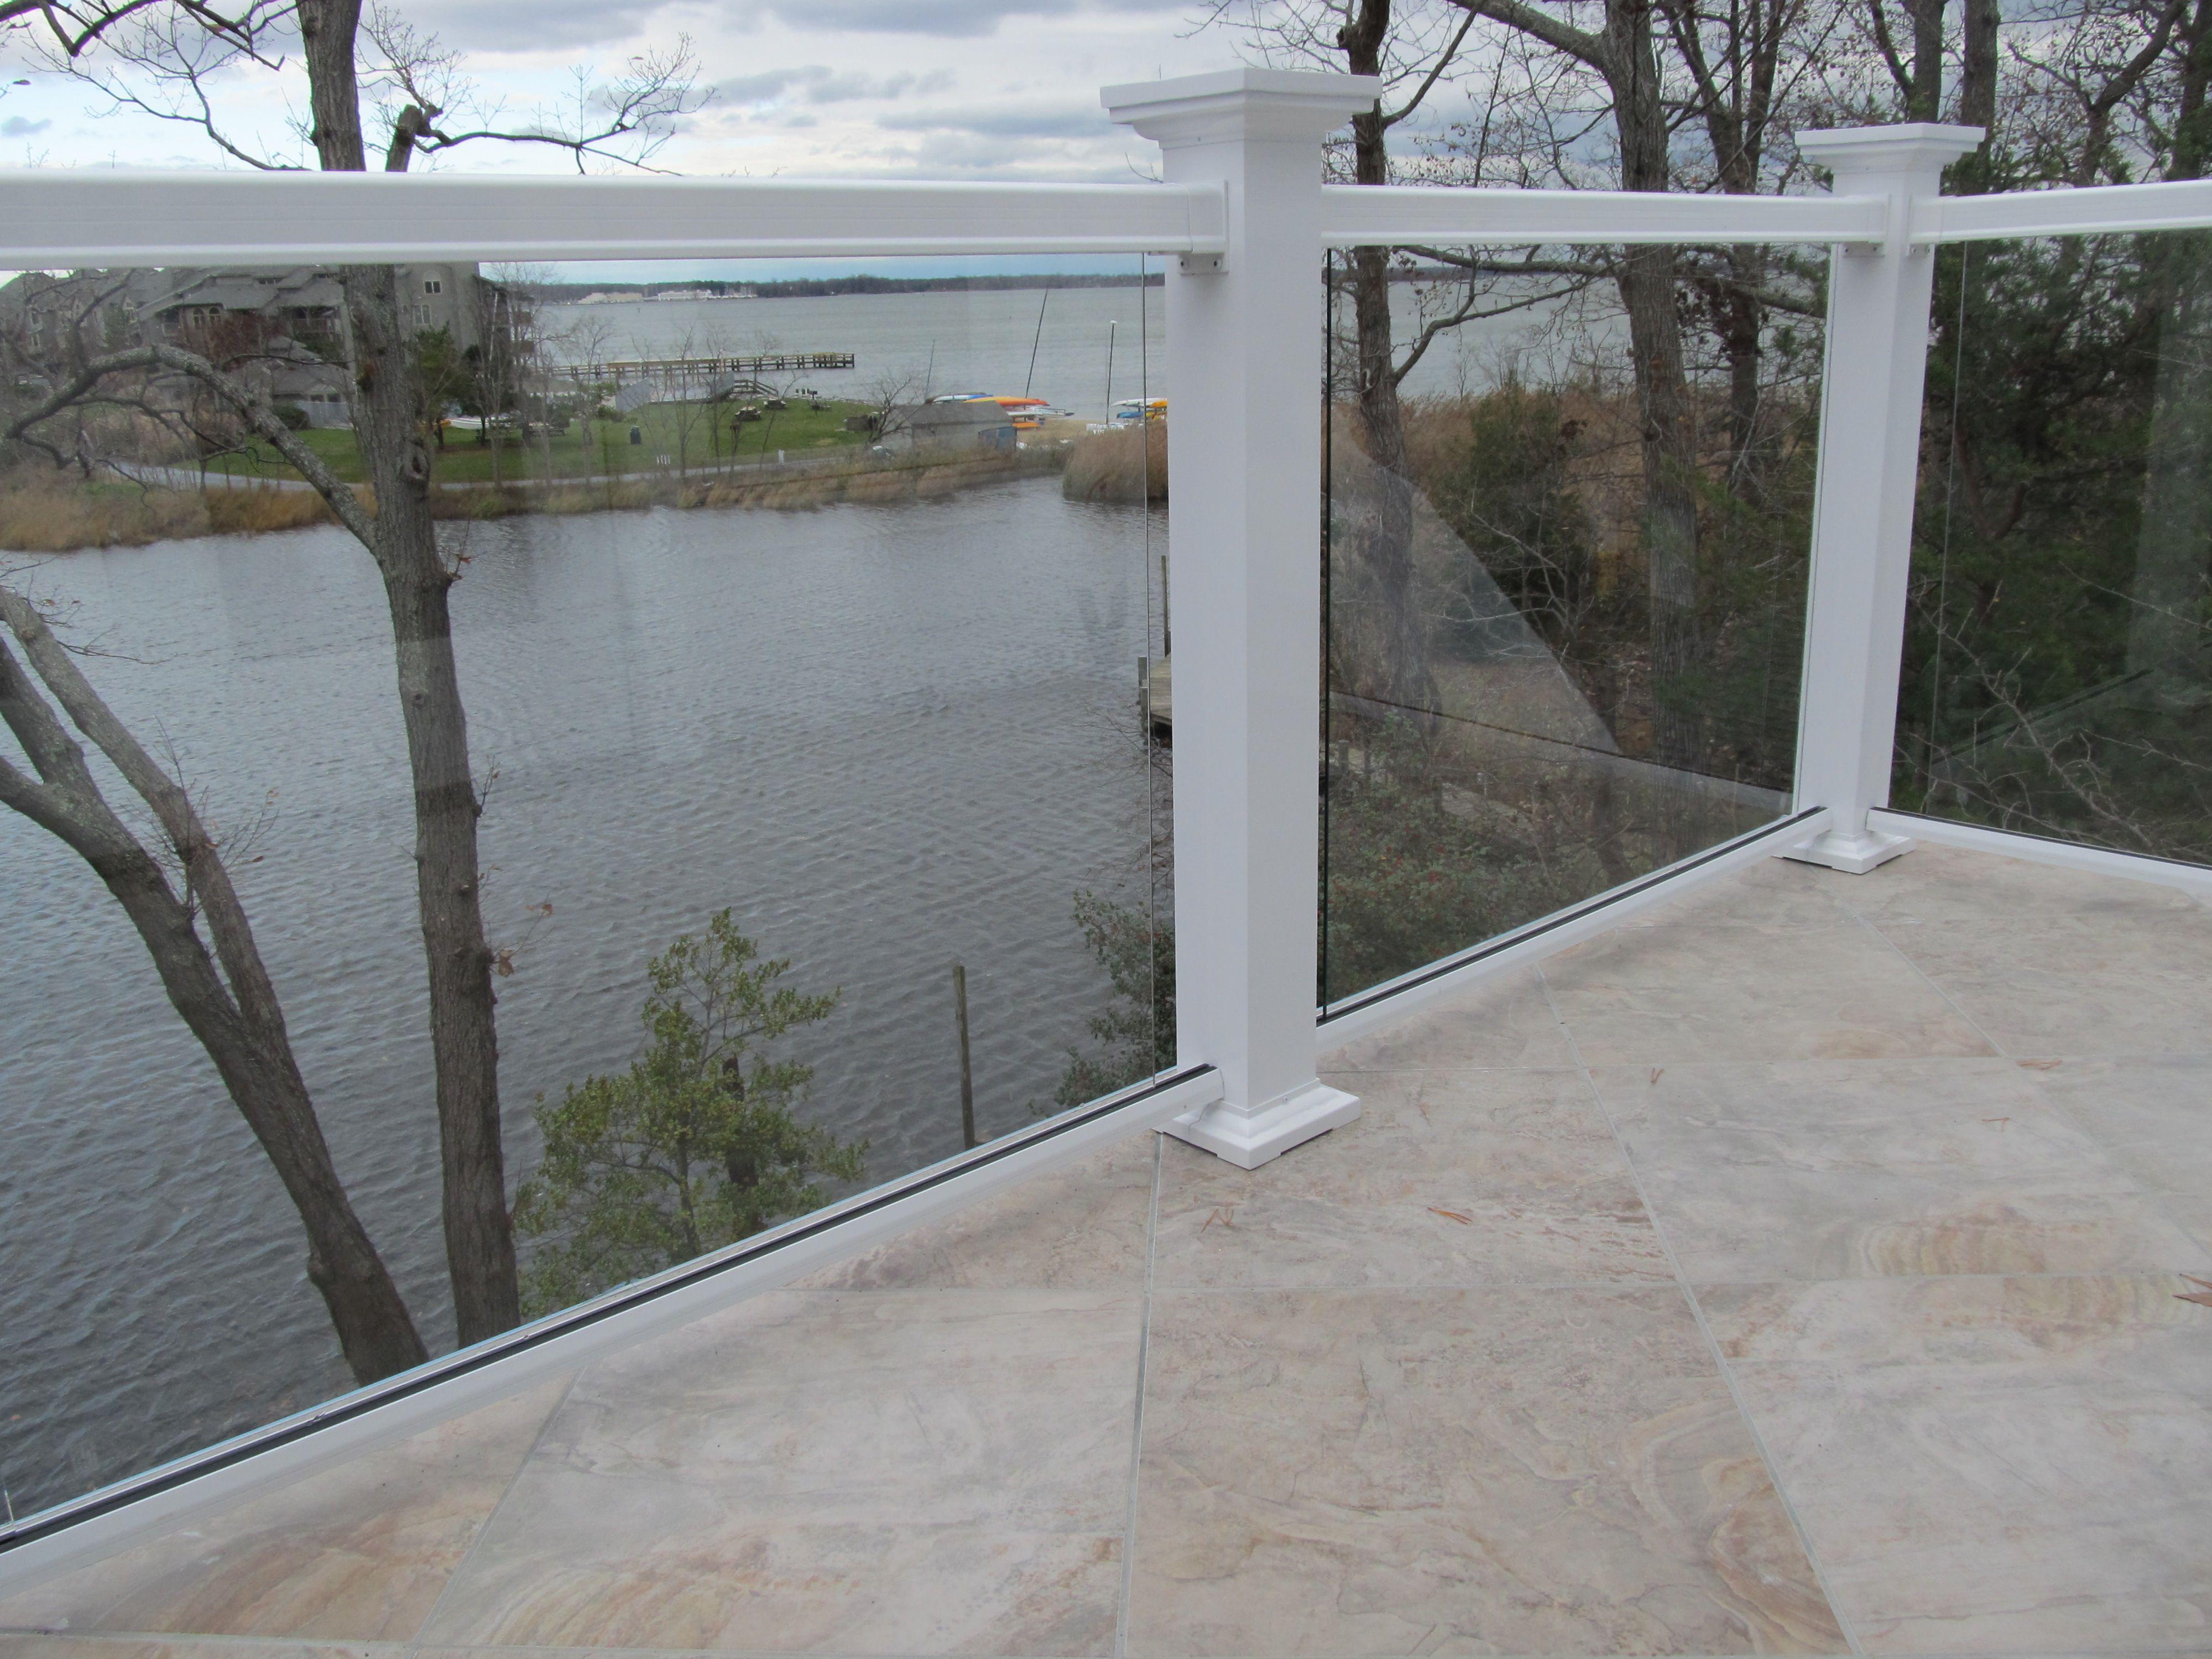 Tiledek waterproof membrane protects the area underneath